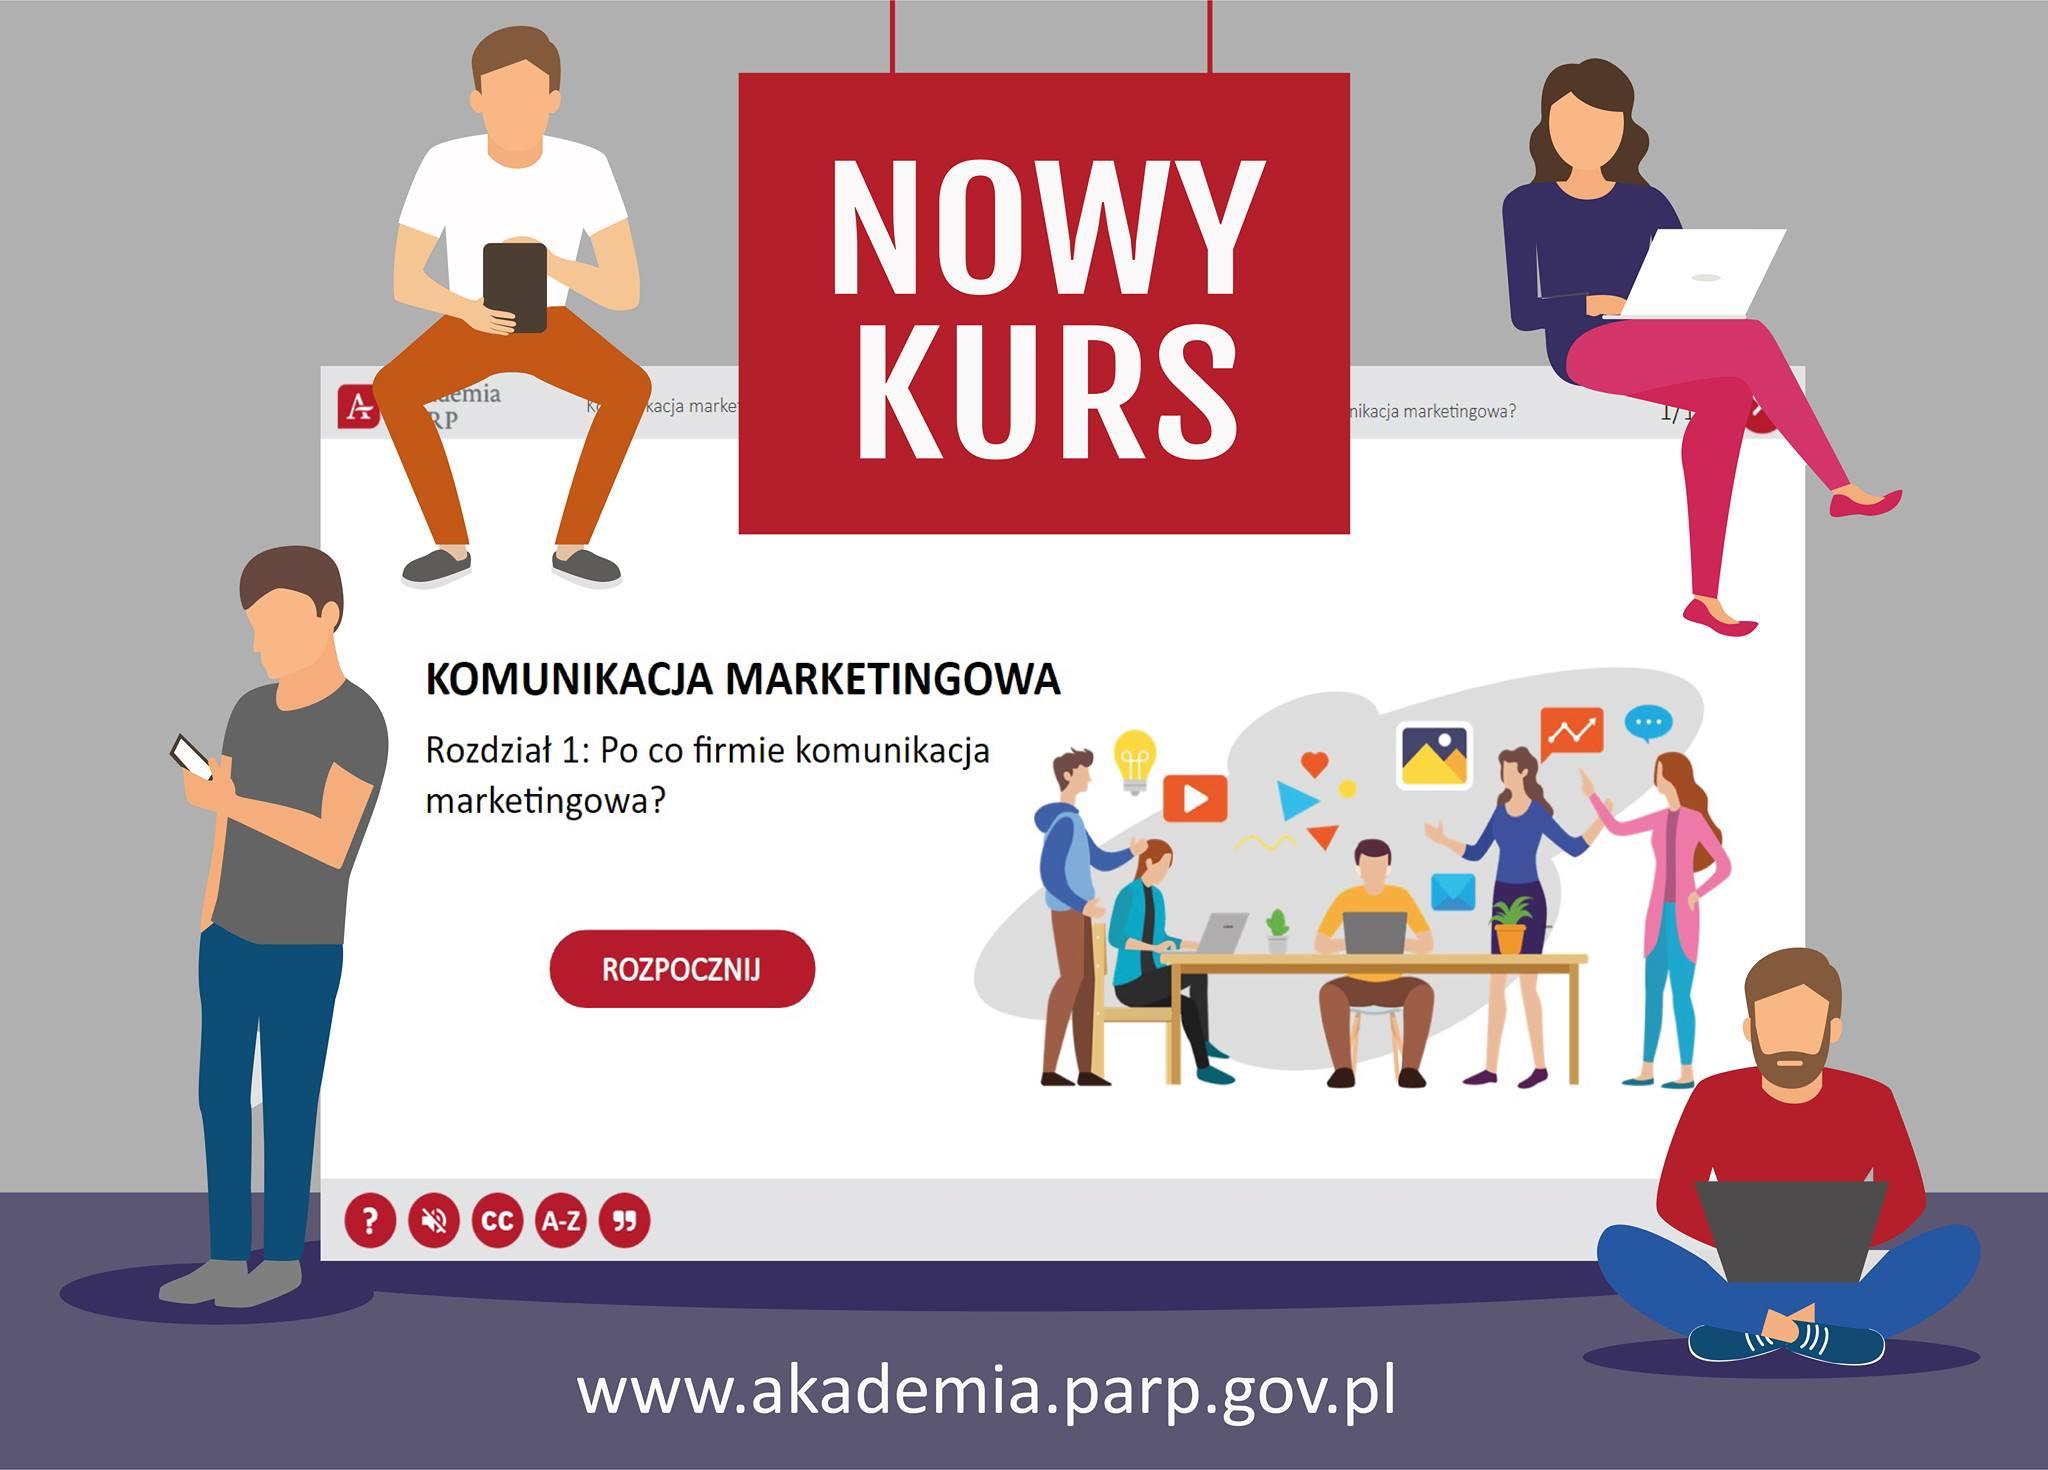 Nowy kurs, Komunikacja marketingowa, www.akademia.parp.gov.pl